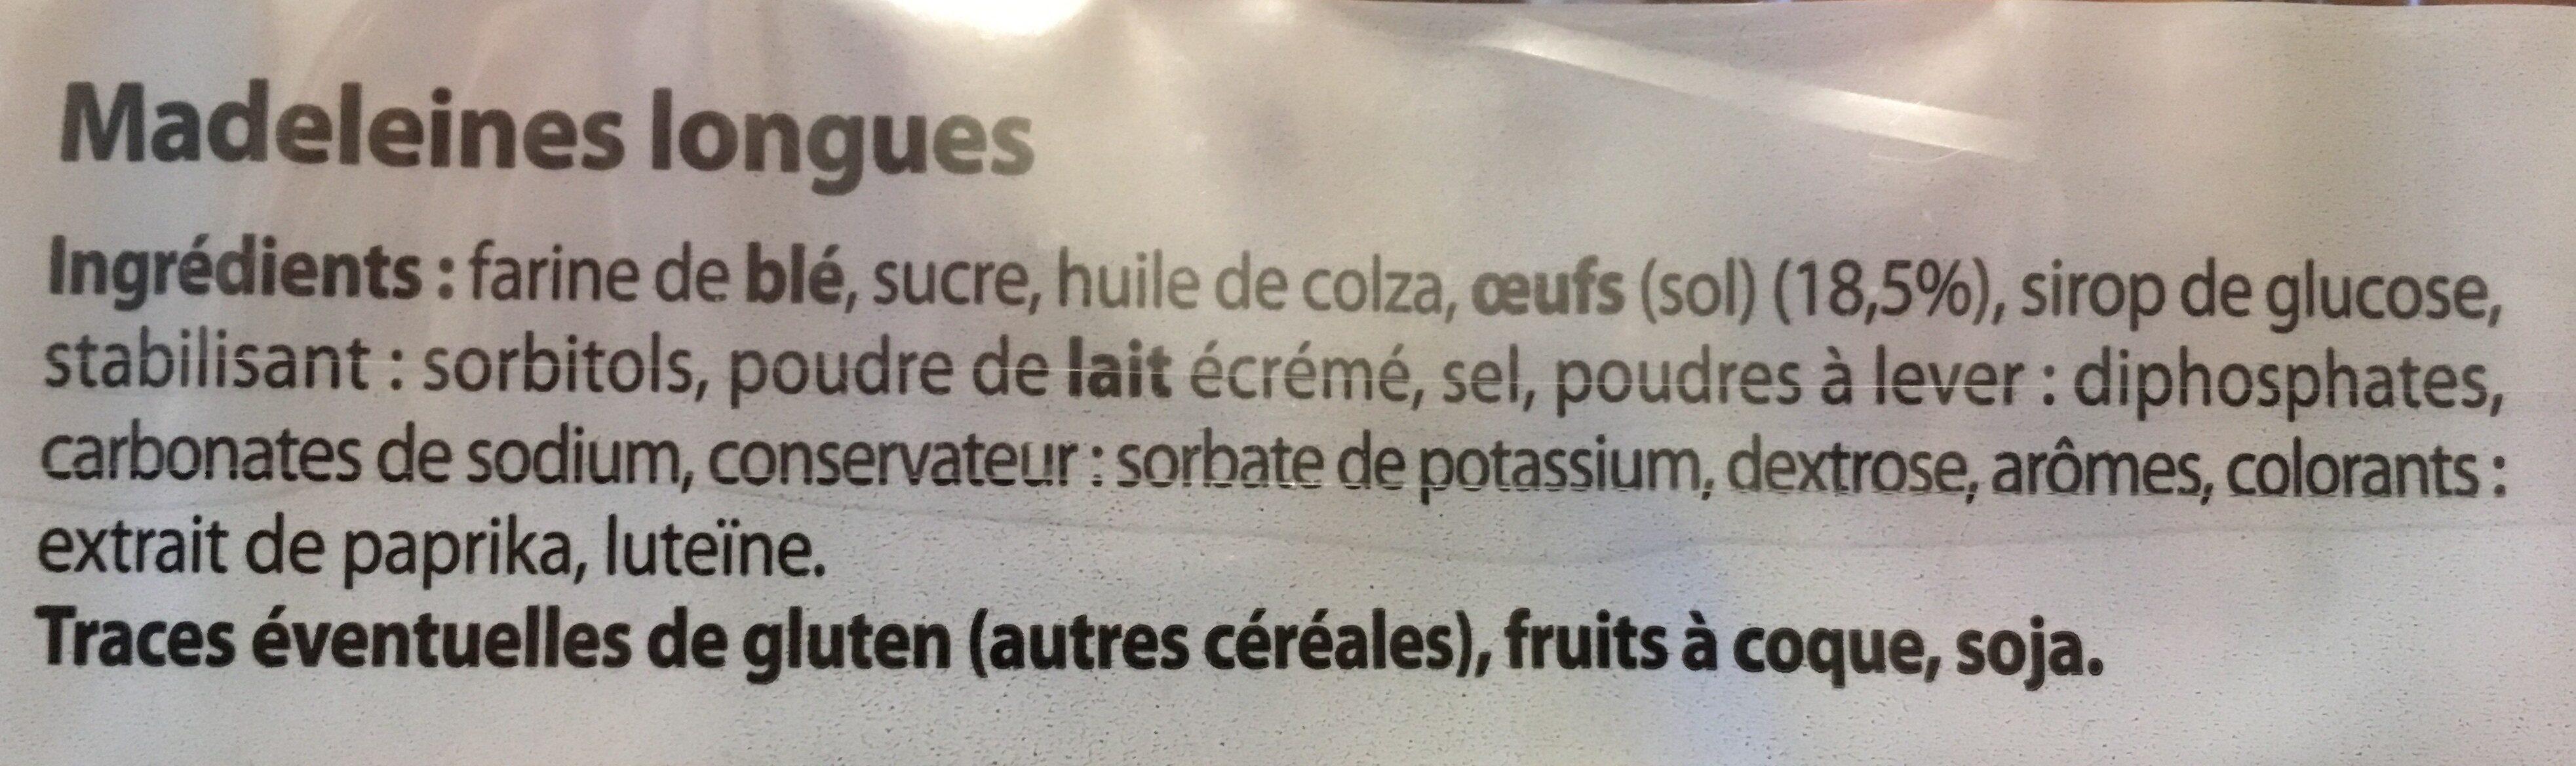 Madeleines longues aux œufs - Ingrédients - fr